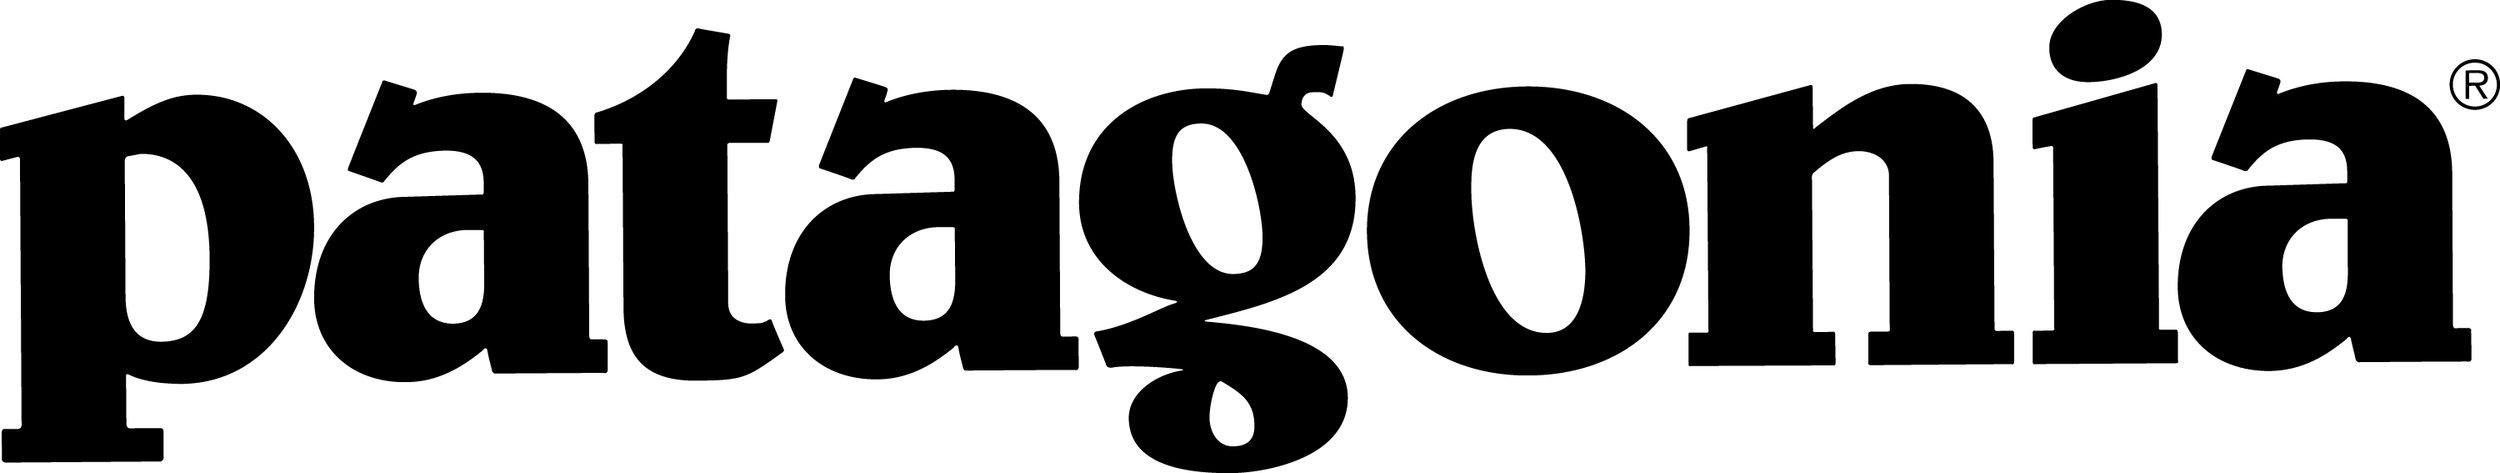 Patagonia word high res.JPG